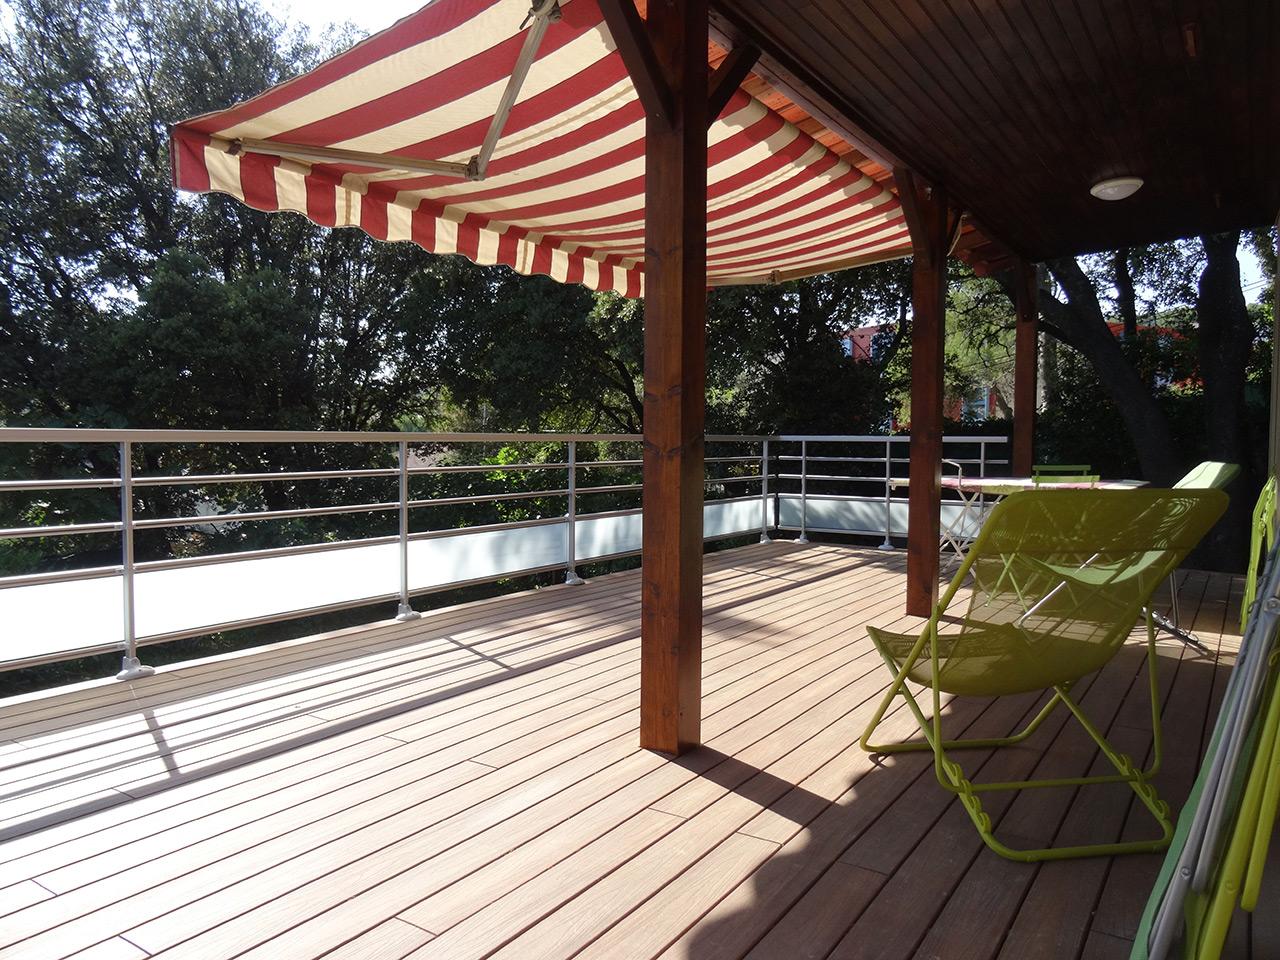 Rénovation et agrandissement d'une terrasse – Montpellier (34)